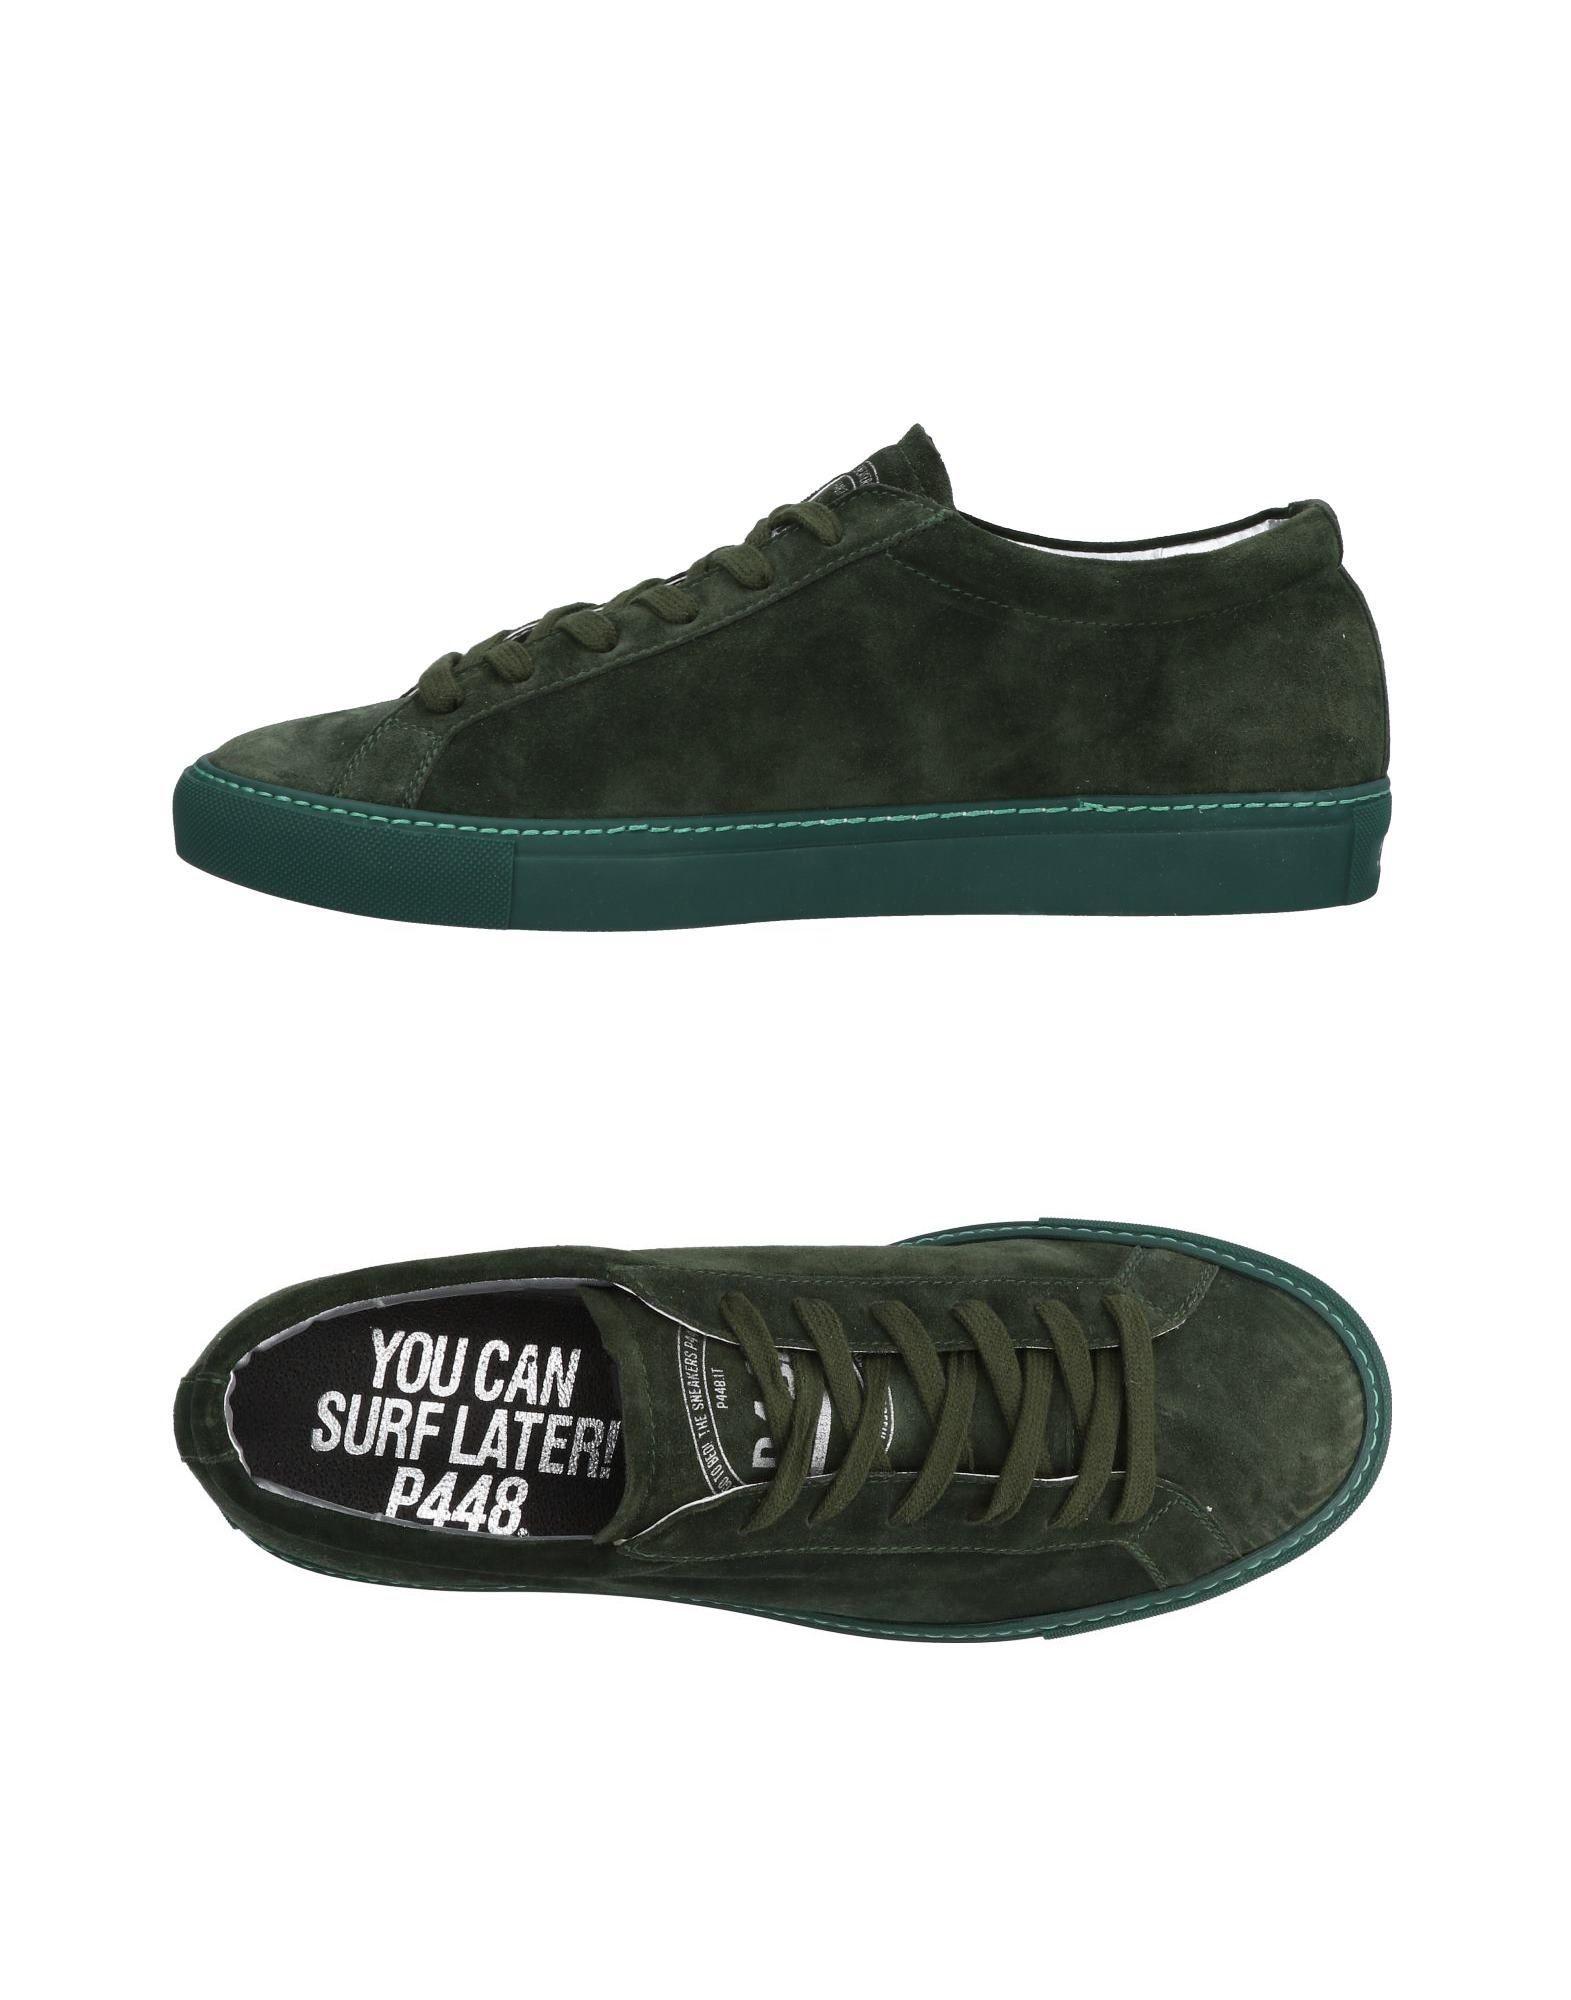 Rabatt echte Herren Schuhe P448 Sneakers Herren echte  11457271CM 3284dc